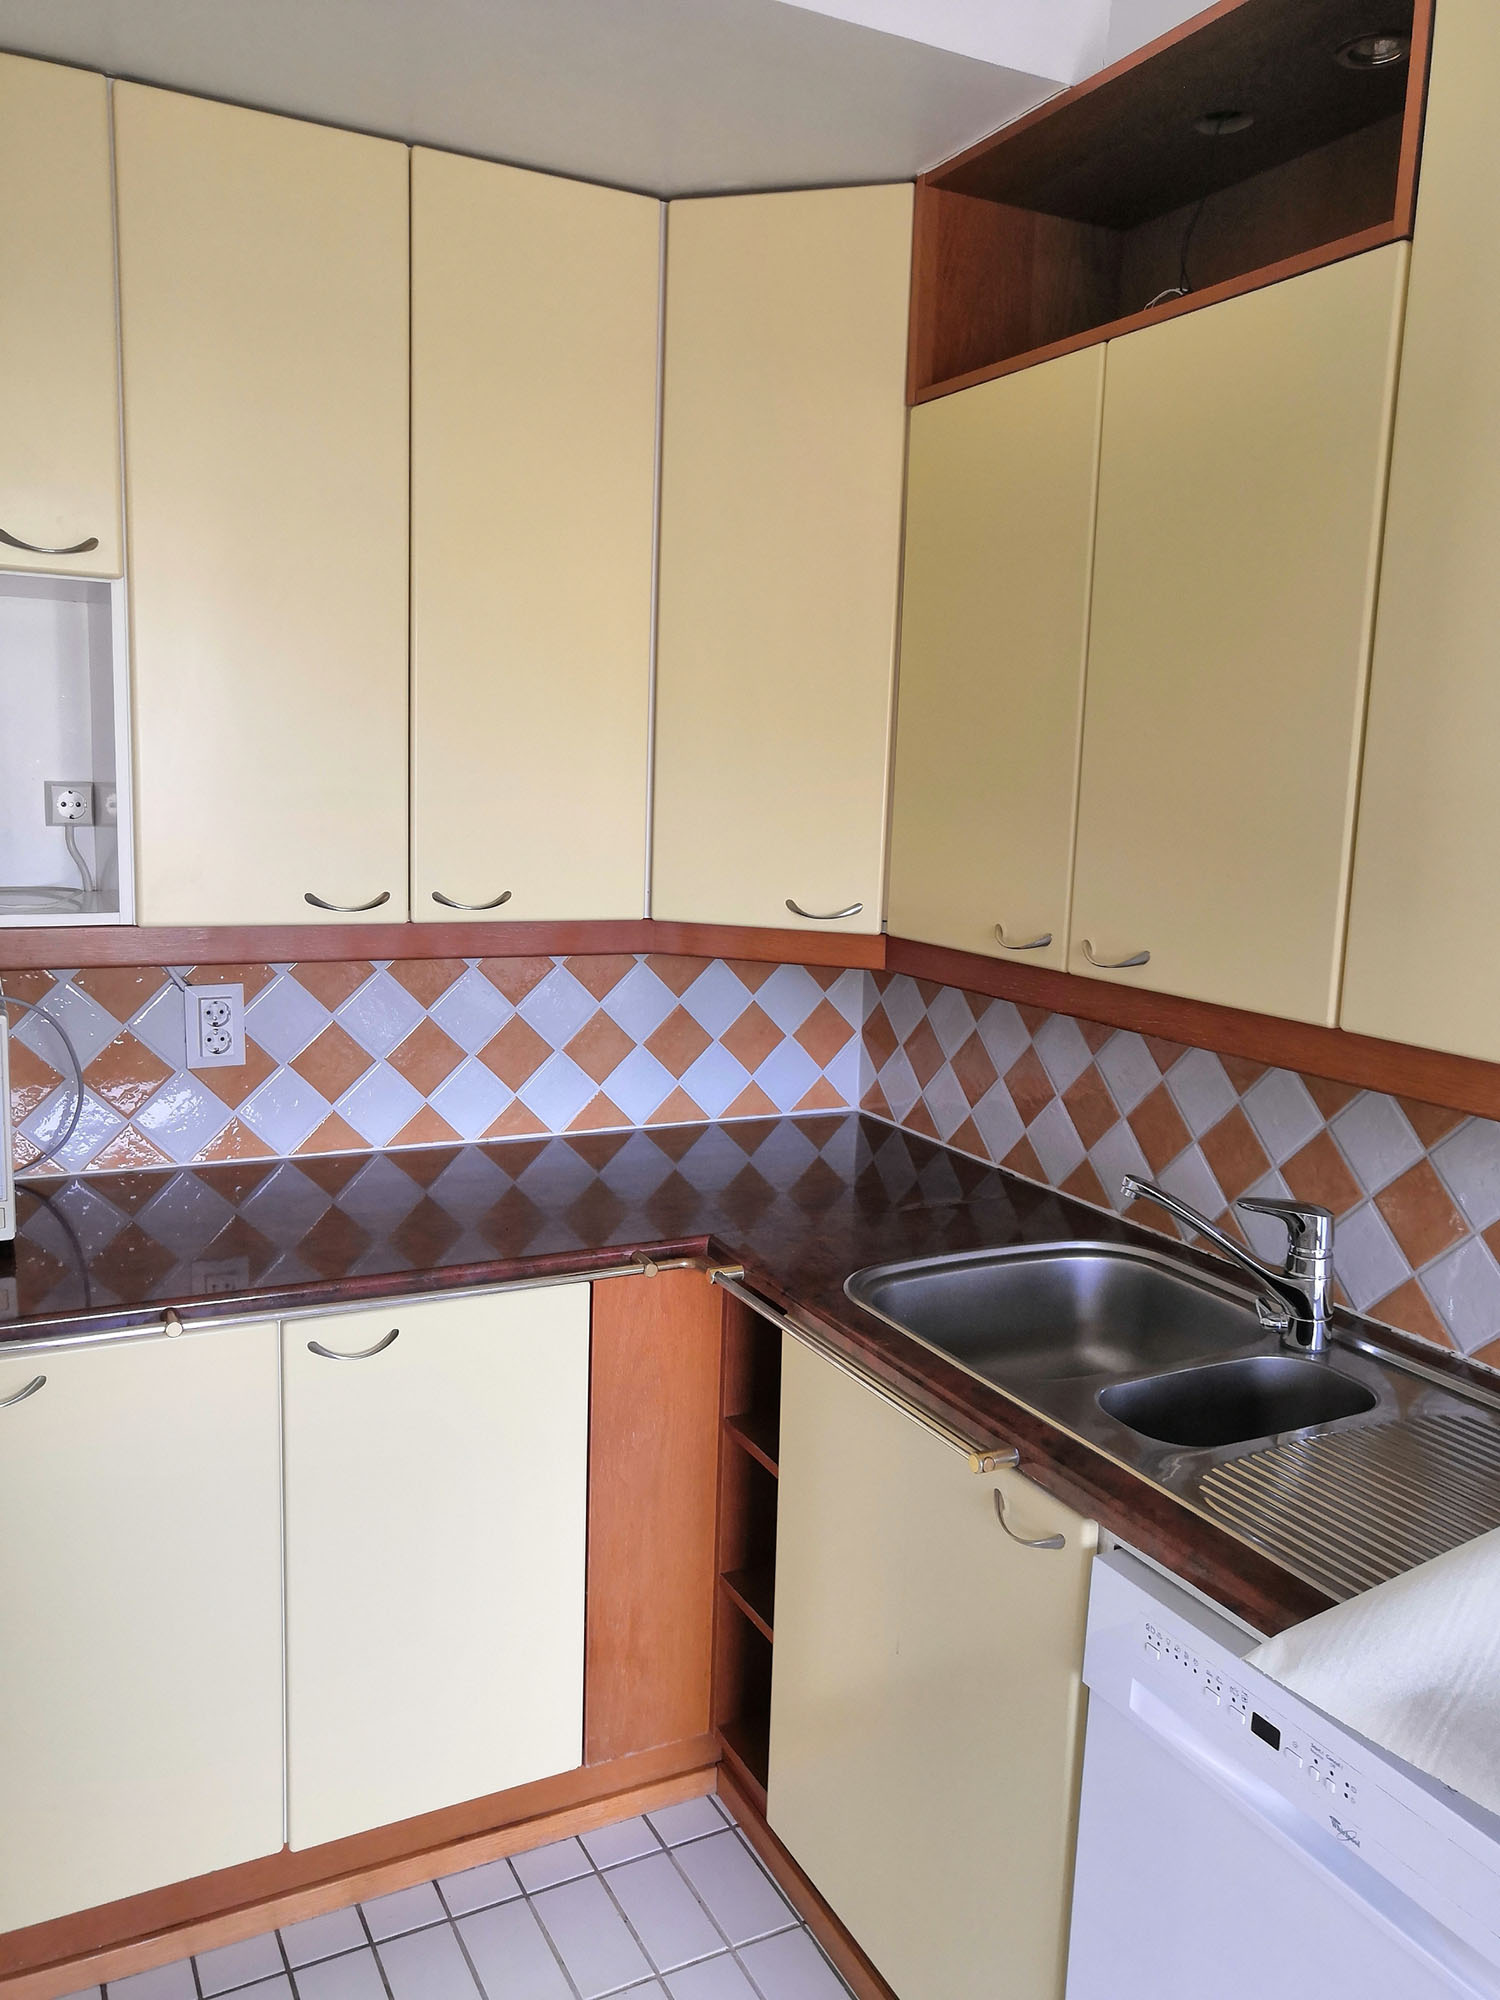 Värikäs ja persoonallinen keittiö